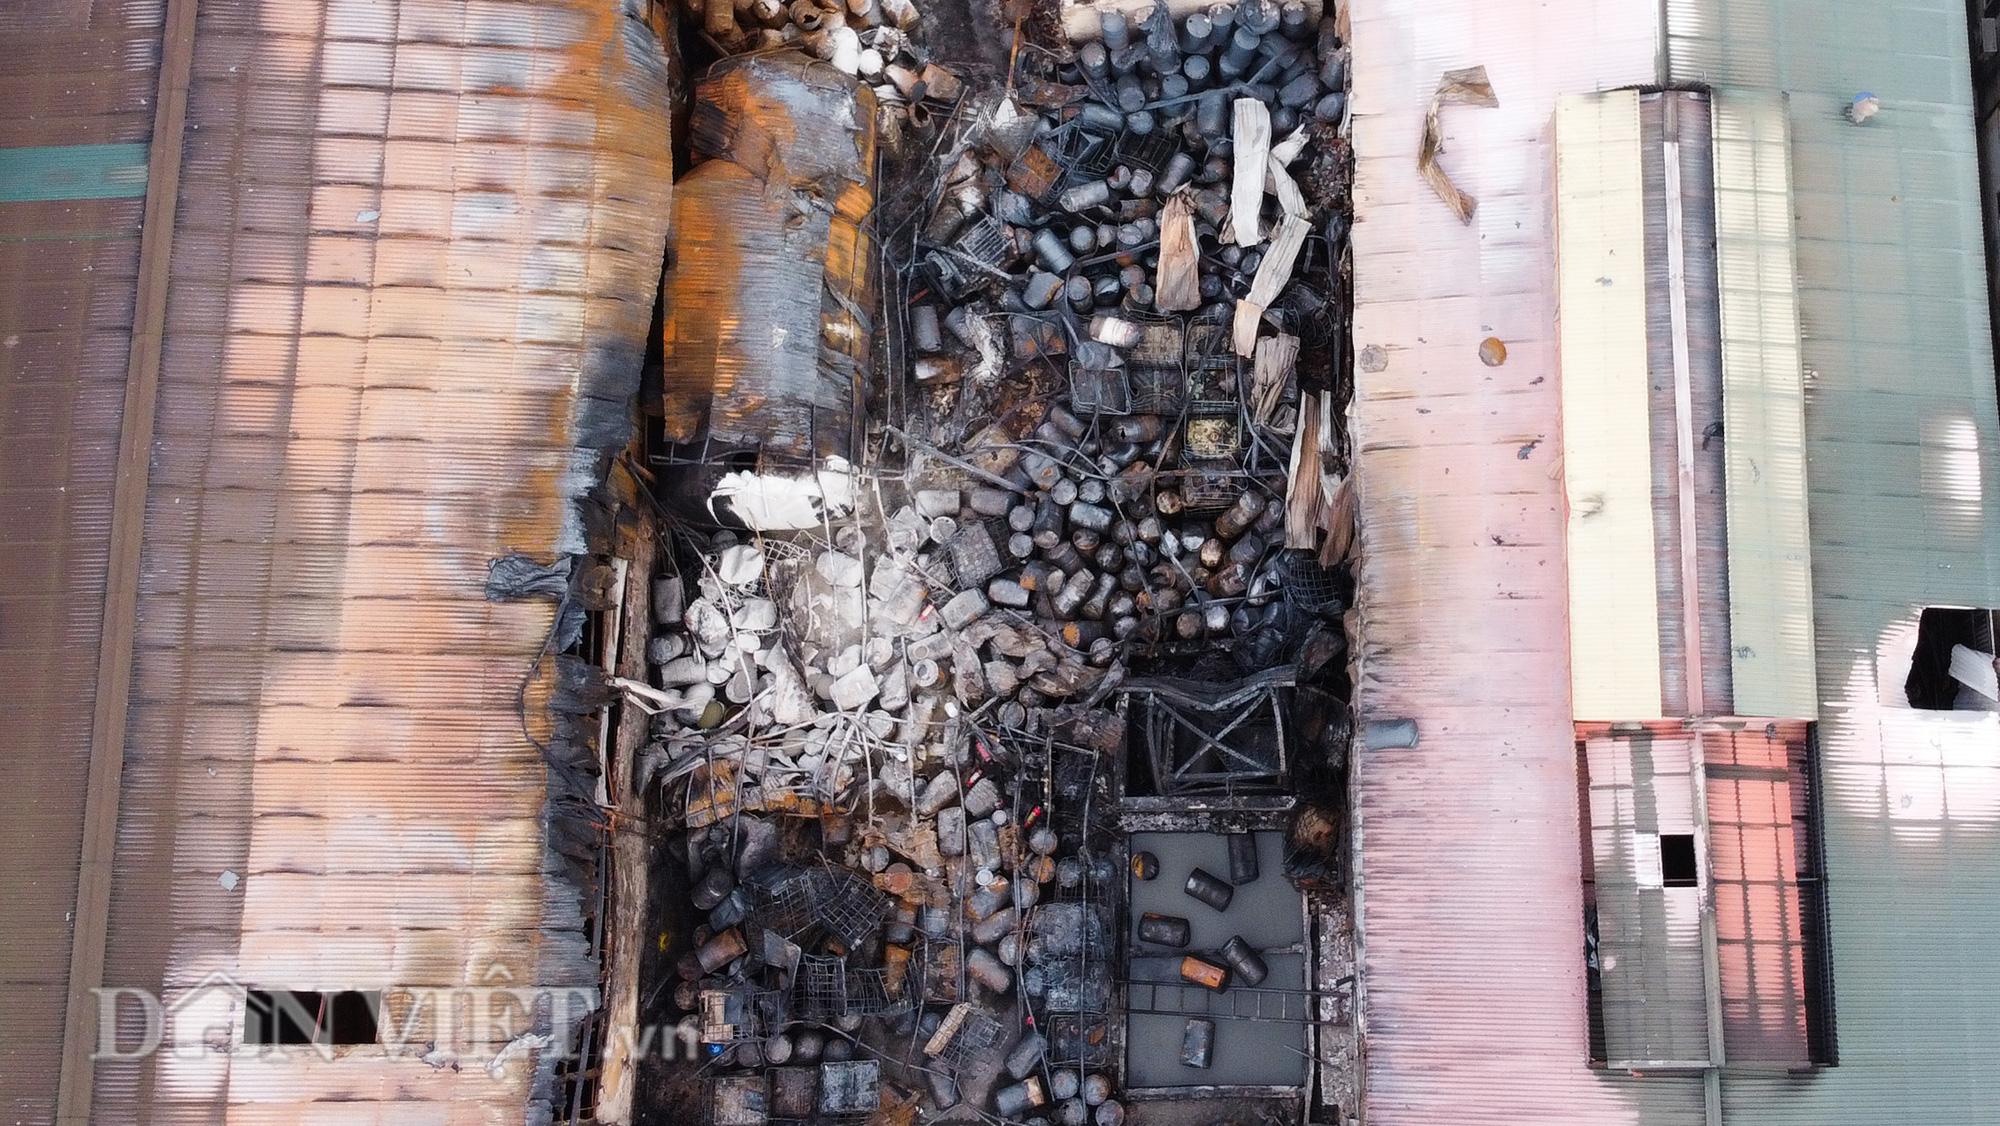 Người dân Đức Giang bịt khẩu trang đi tập thể dục sau vụ cháy nhà kho hoá chất - Ảnh 5.